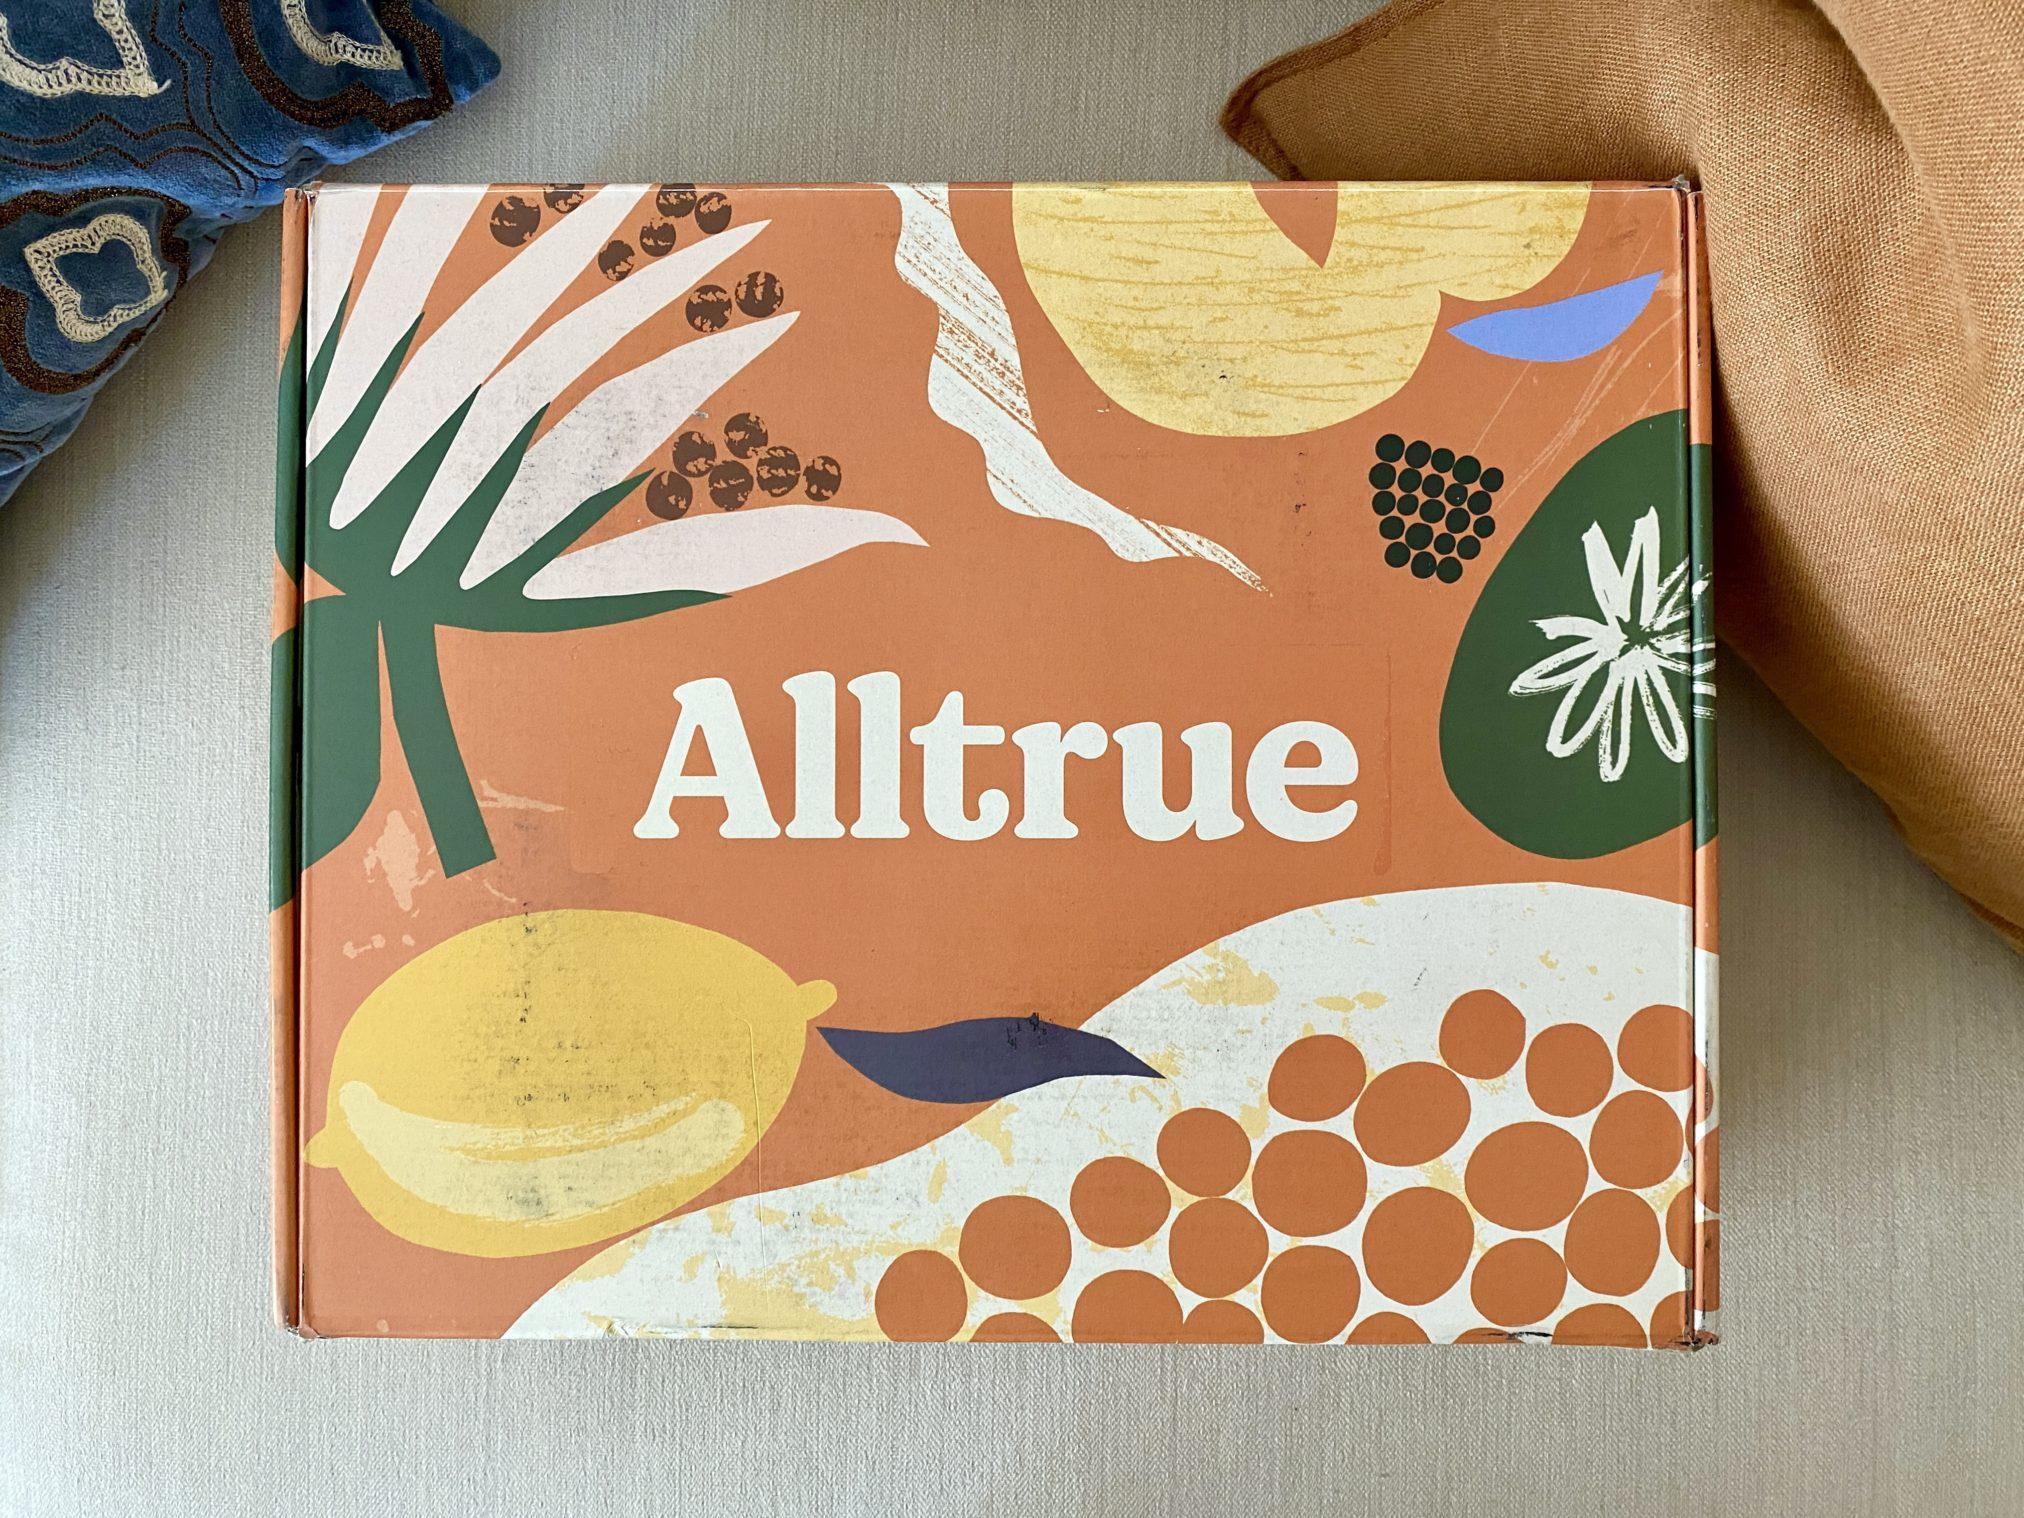 Alltrue Summer 2021 Review - SubscriptionBoxExpert